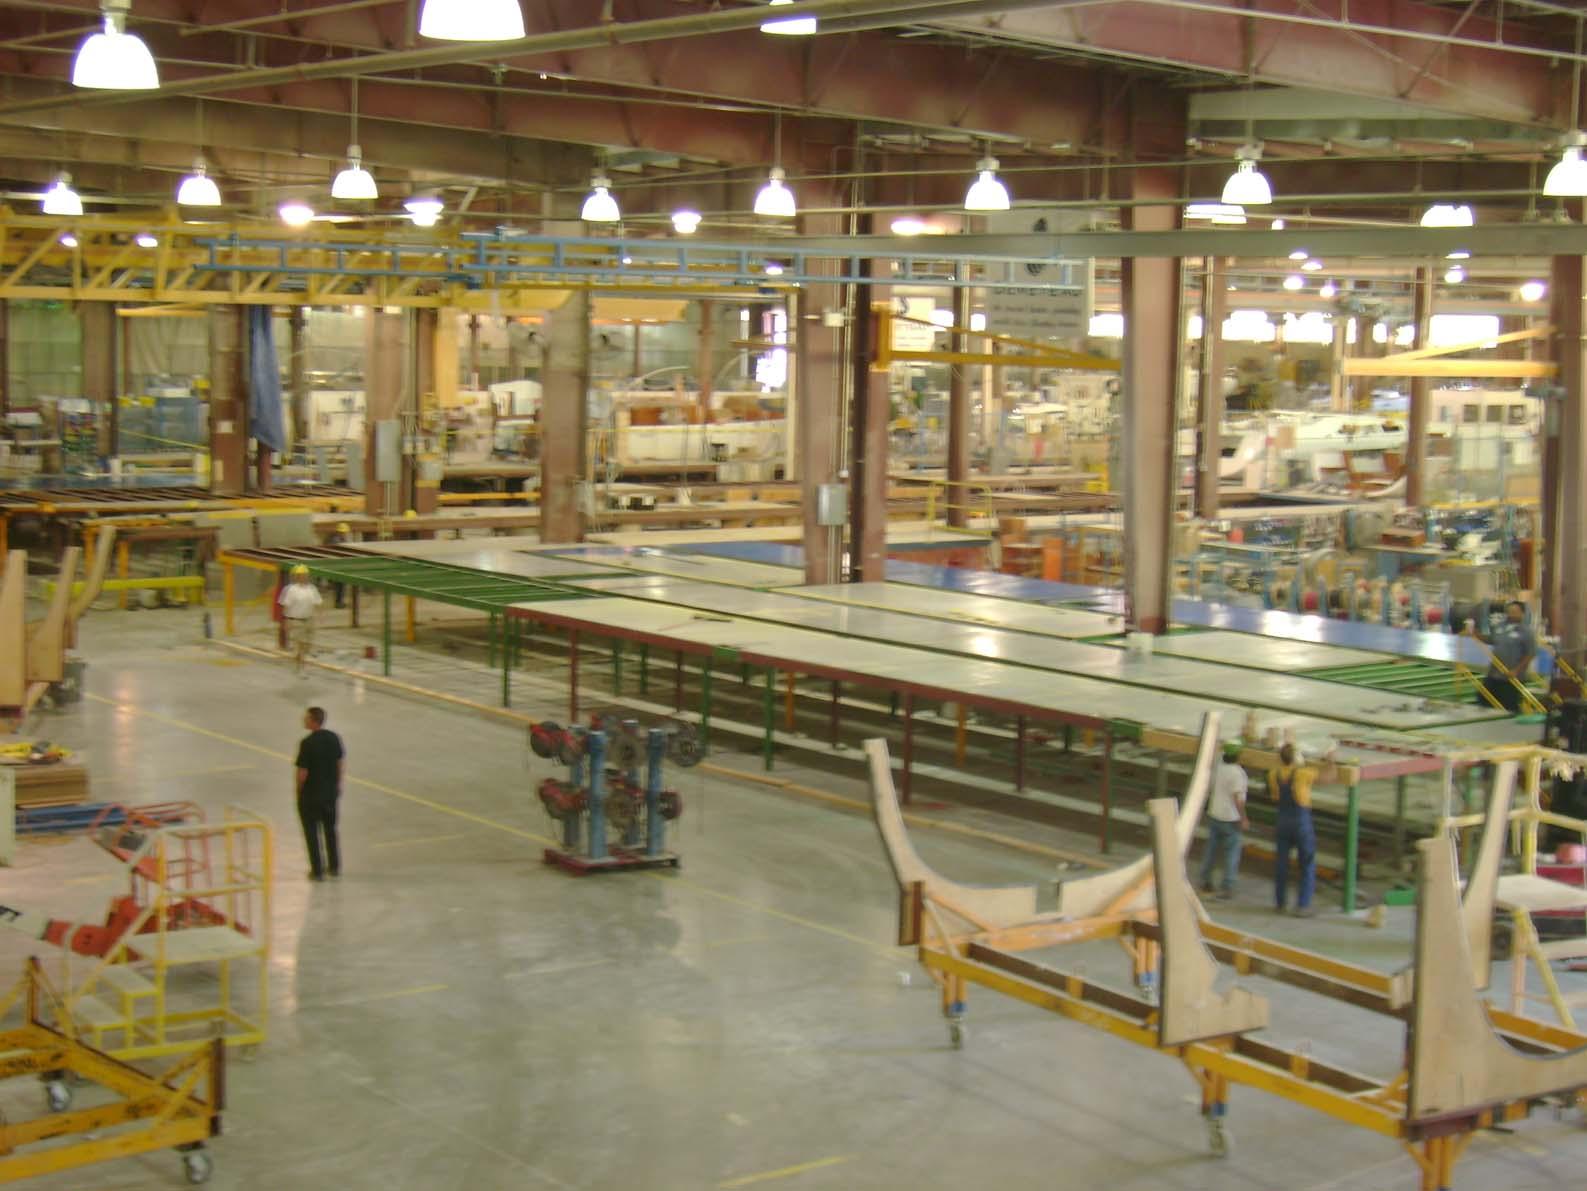 Beneteau Factory Tour